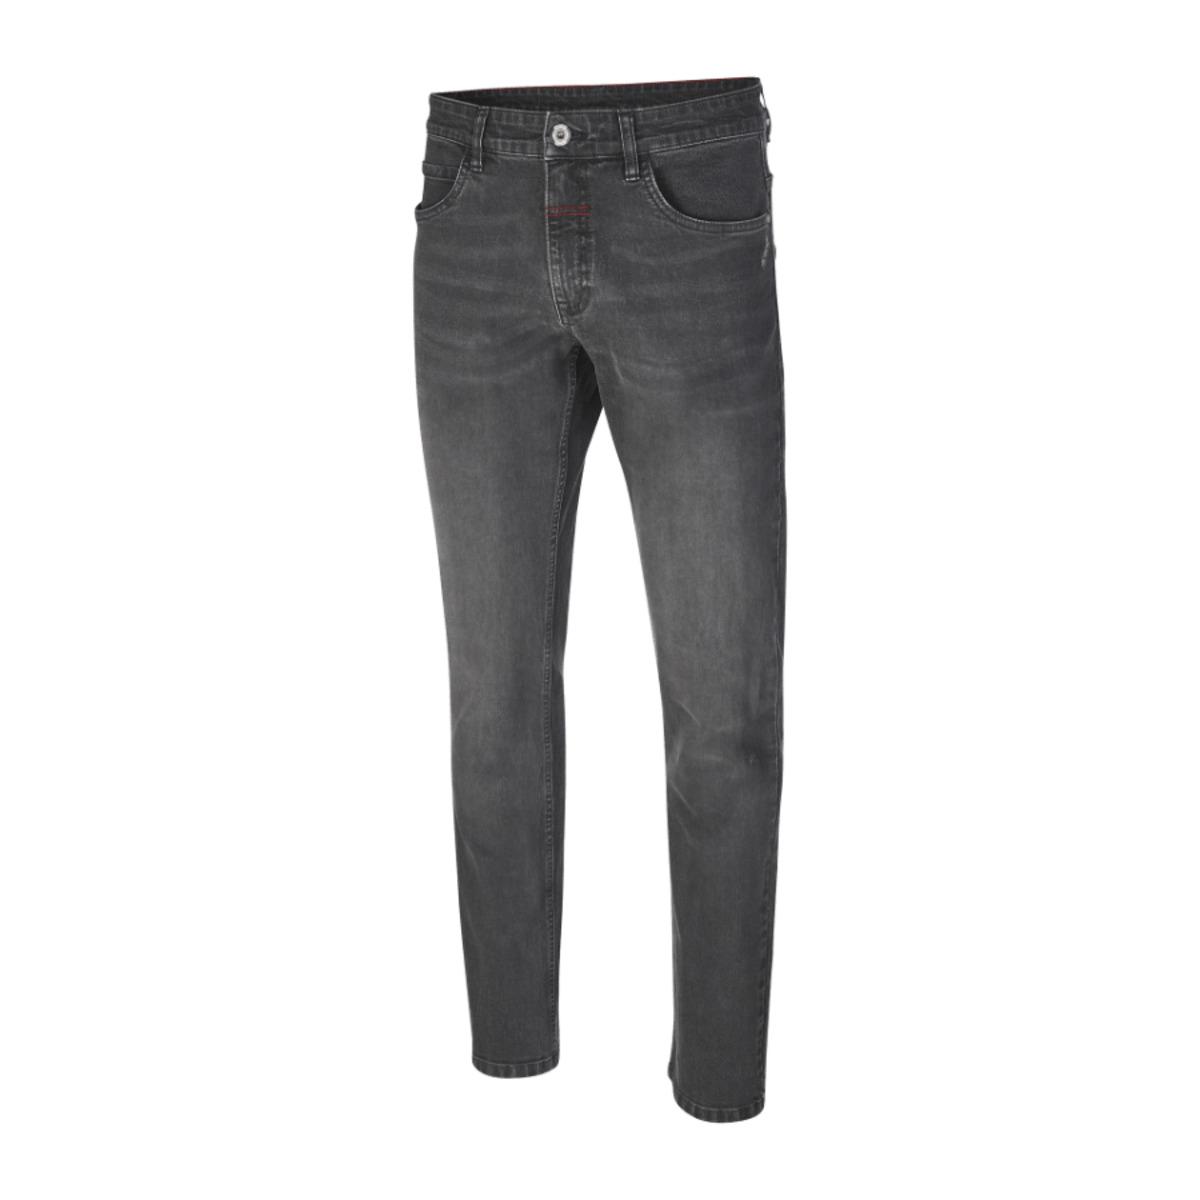 Bild 4 von STRAIGHT UP     Jeans